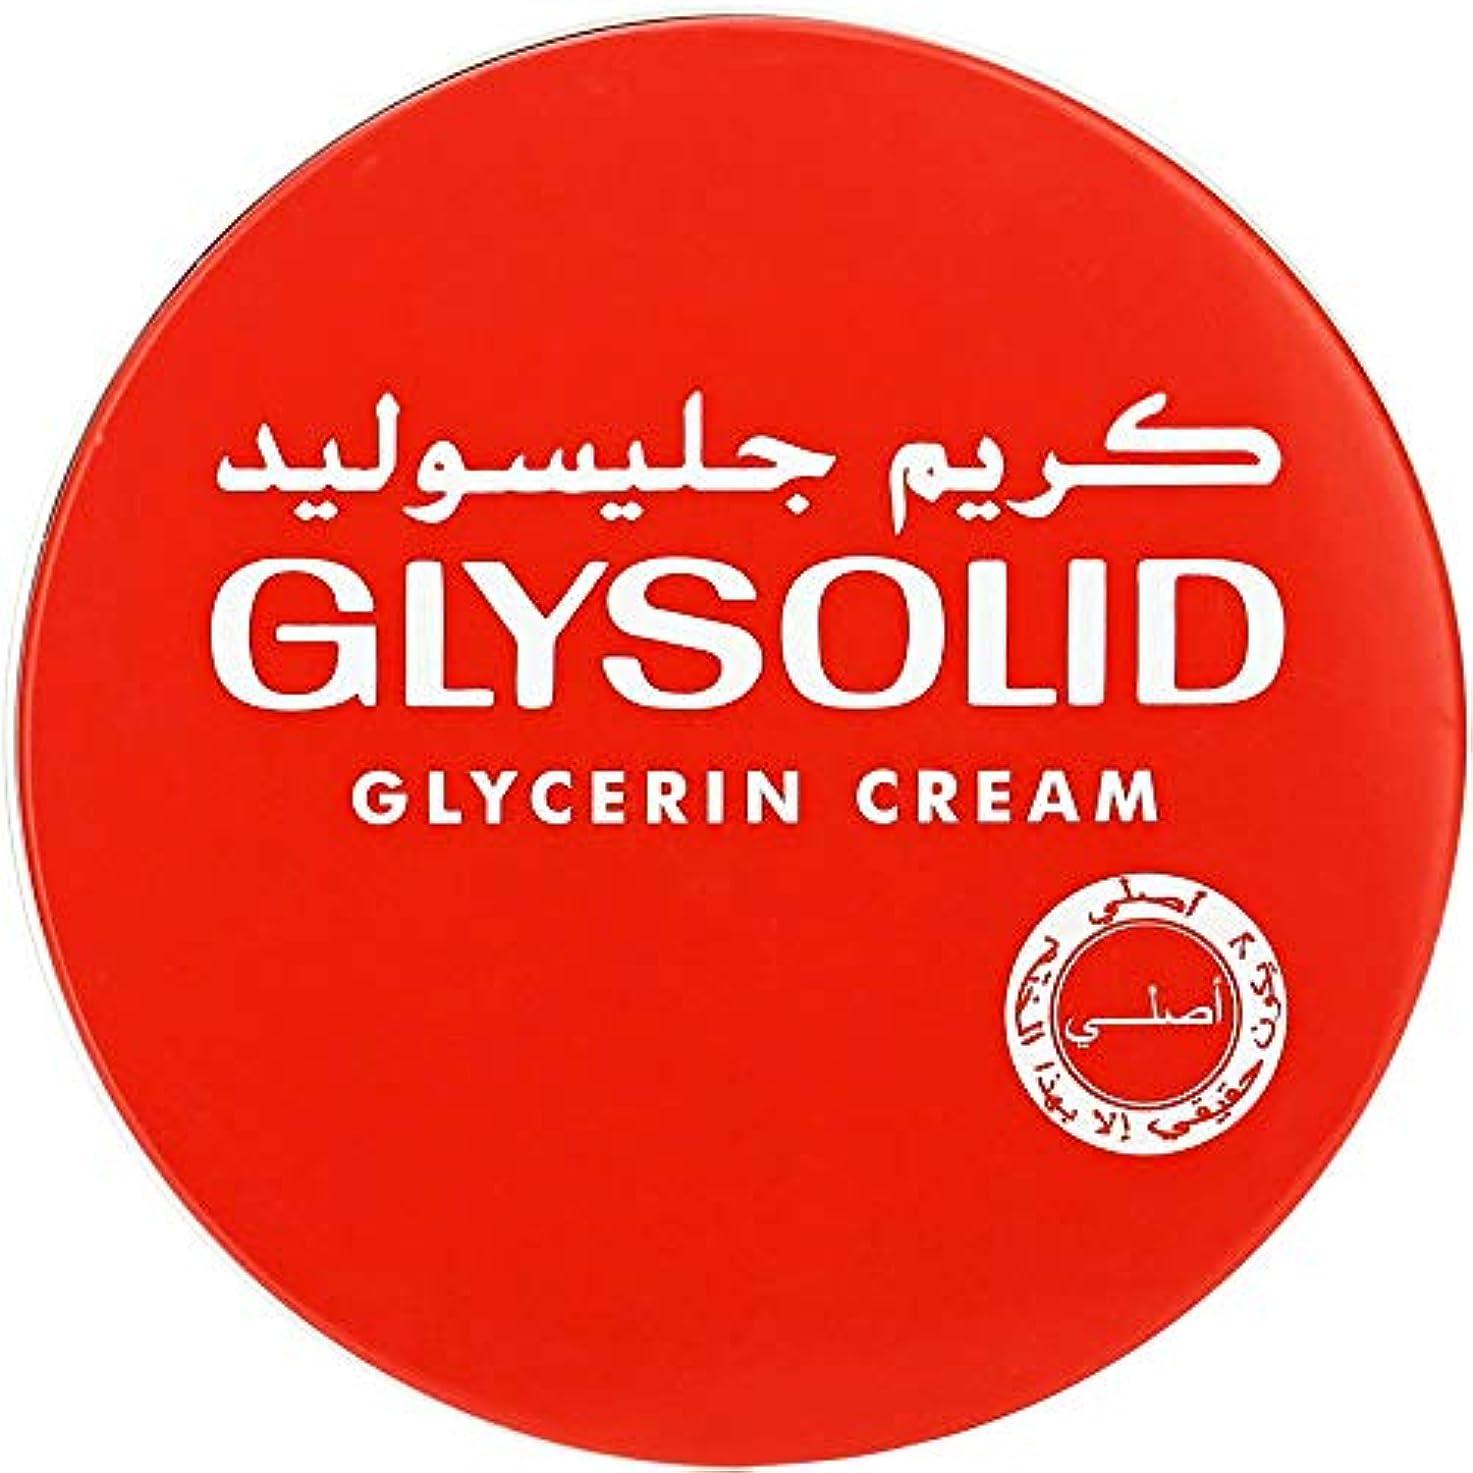 エーカー毛皮過ちGlysolid Cream Face Moisturizers For Dry Skin Hands Feet Elbow Body Softening With Glycerin Keeping Your Skin...